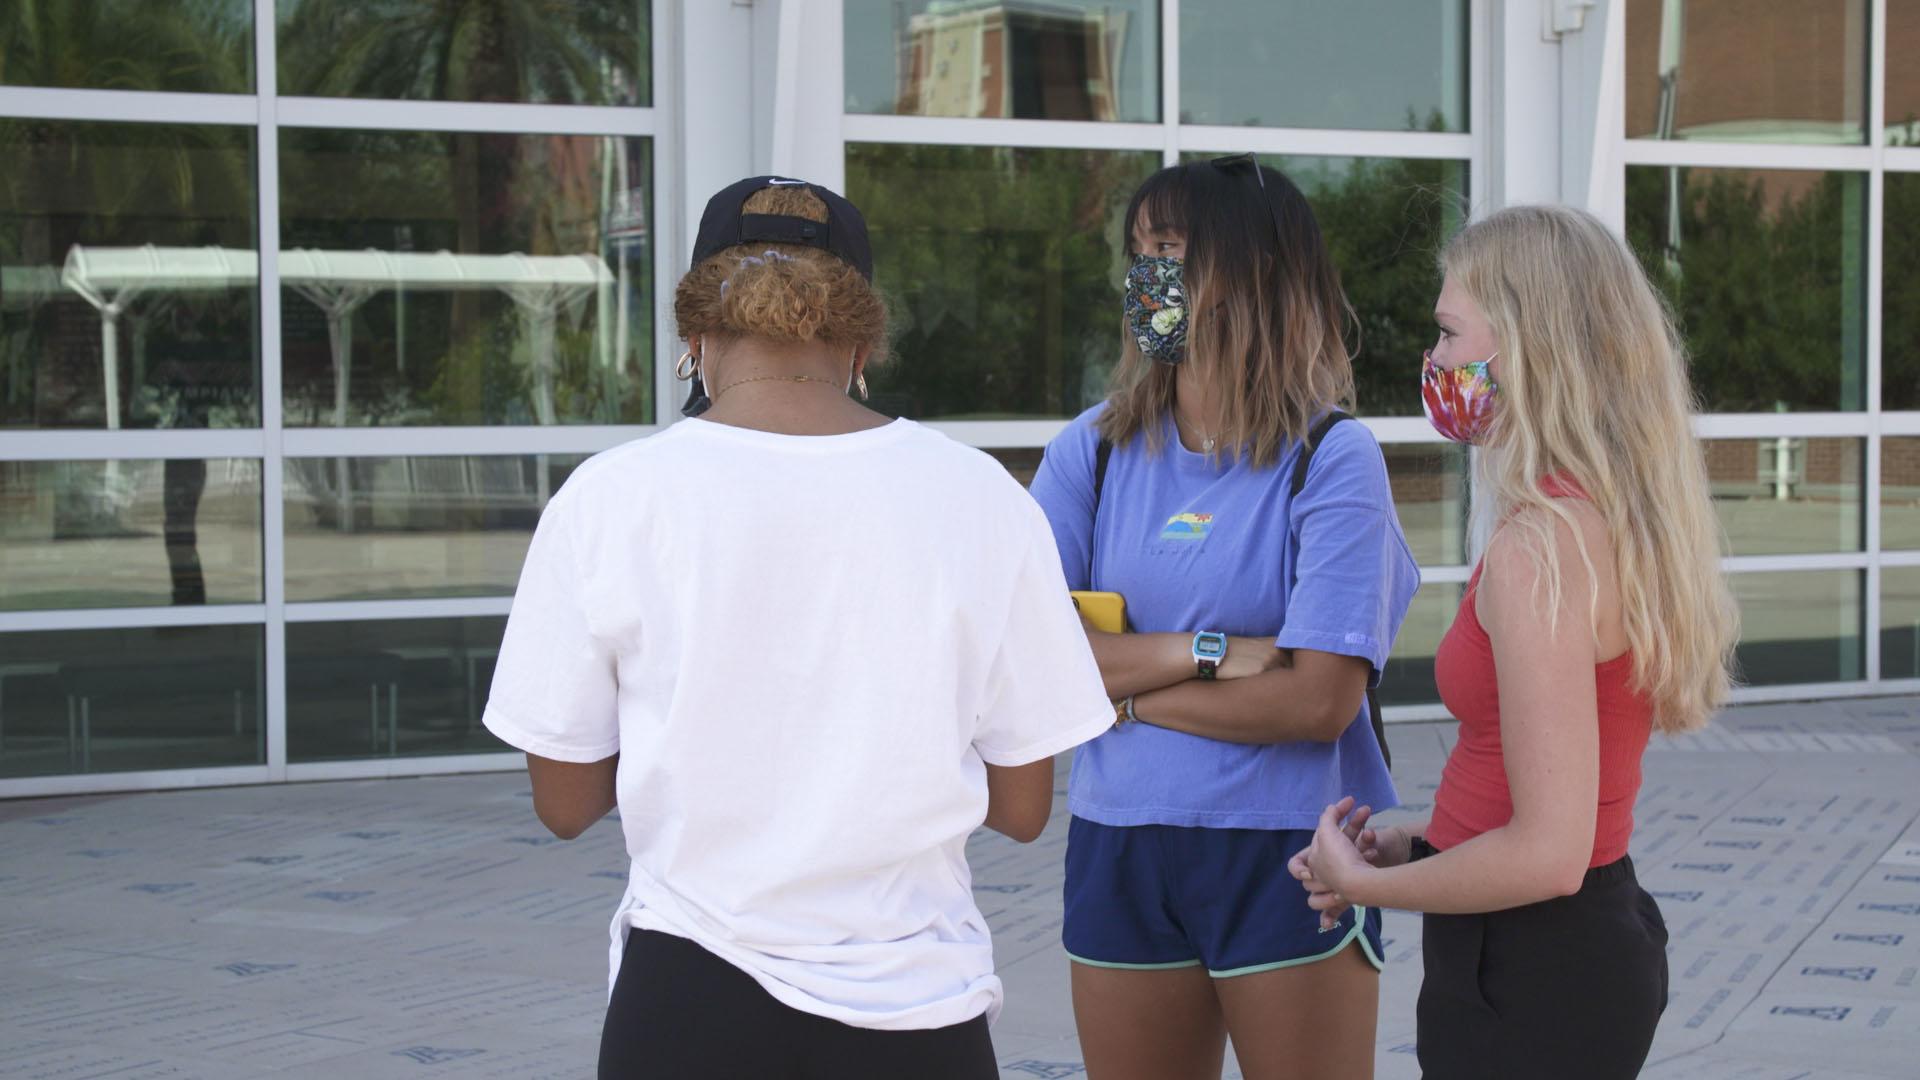 University of Arizona students wearing masks on campus.